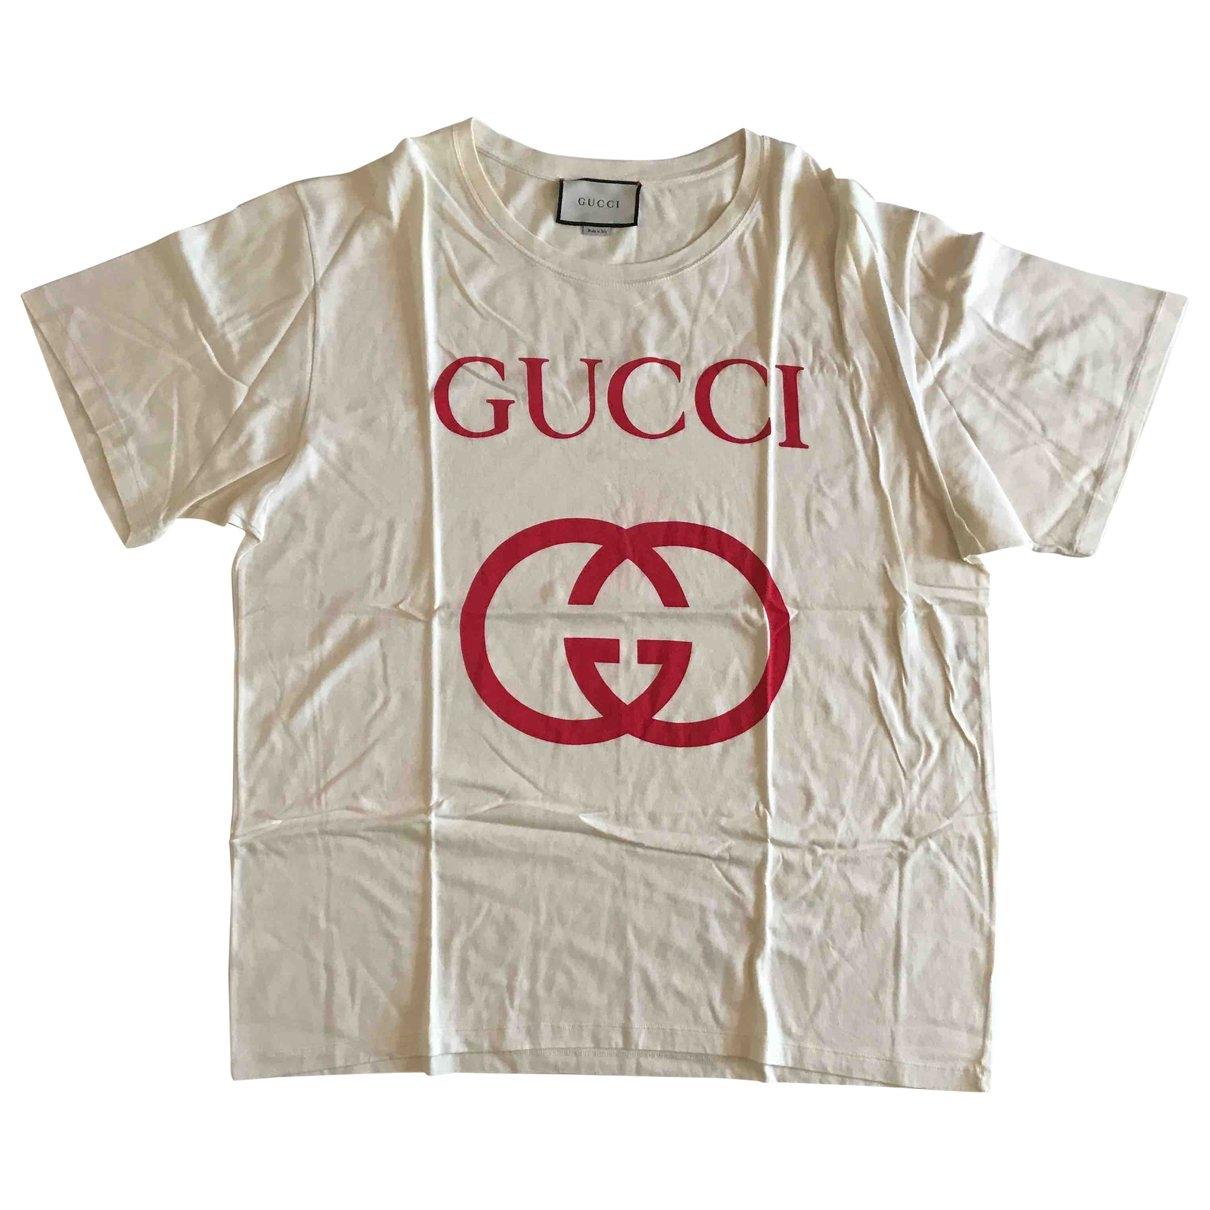 Gucci - Tee shirts   pour homme en coton